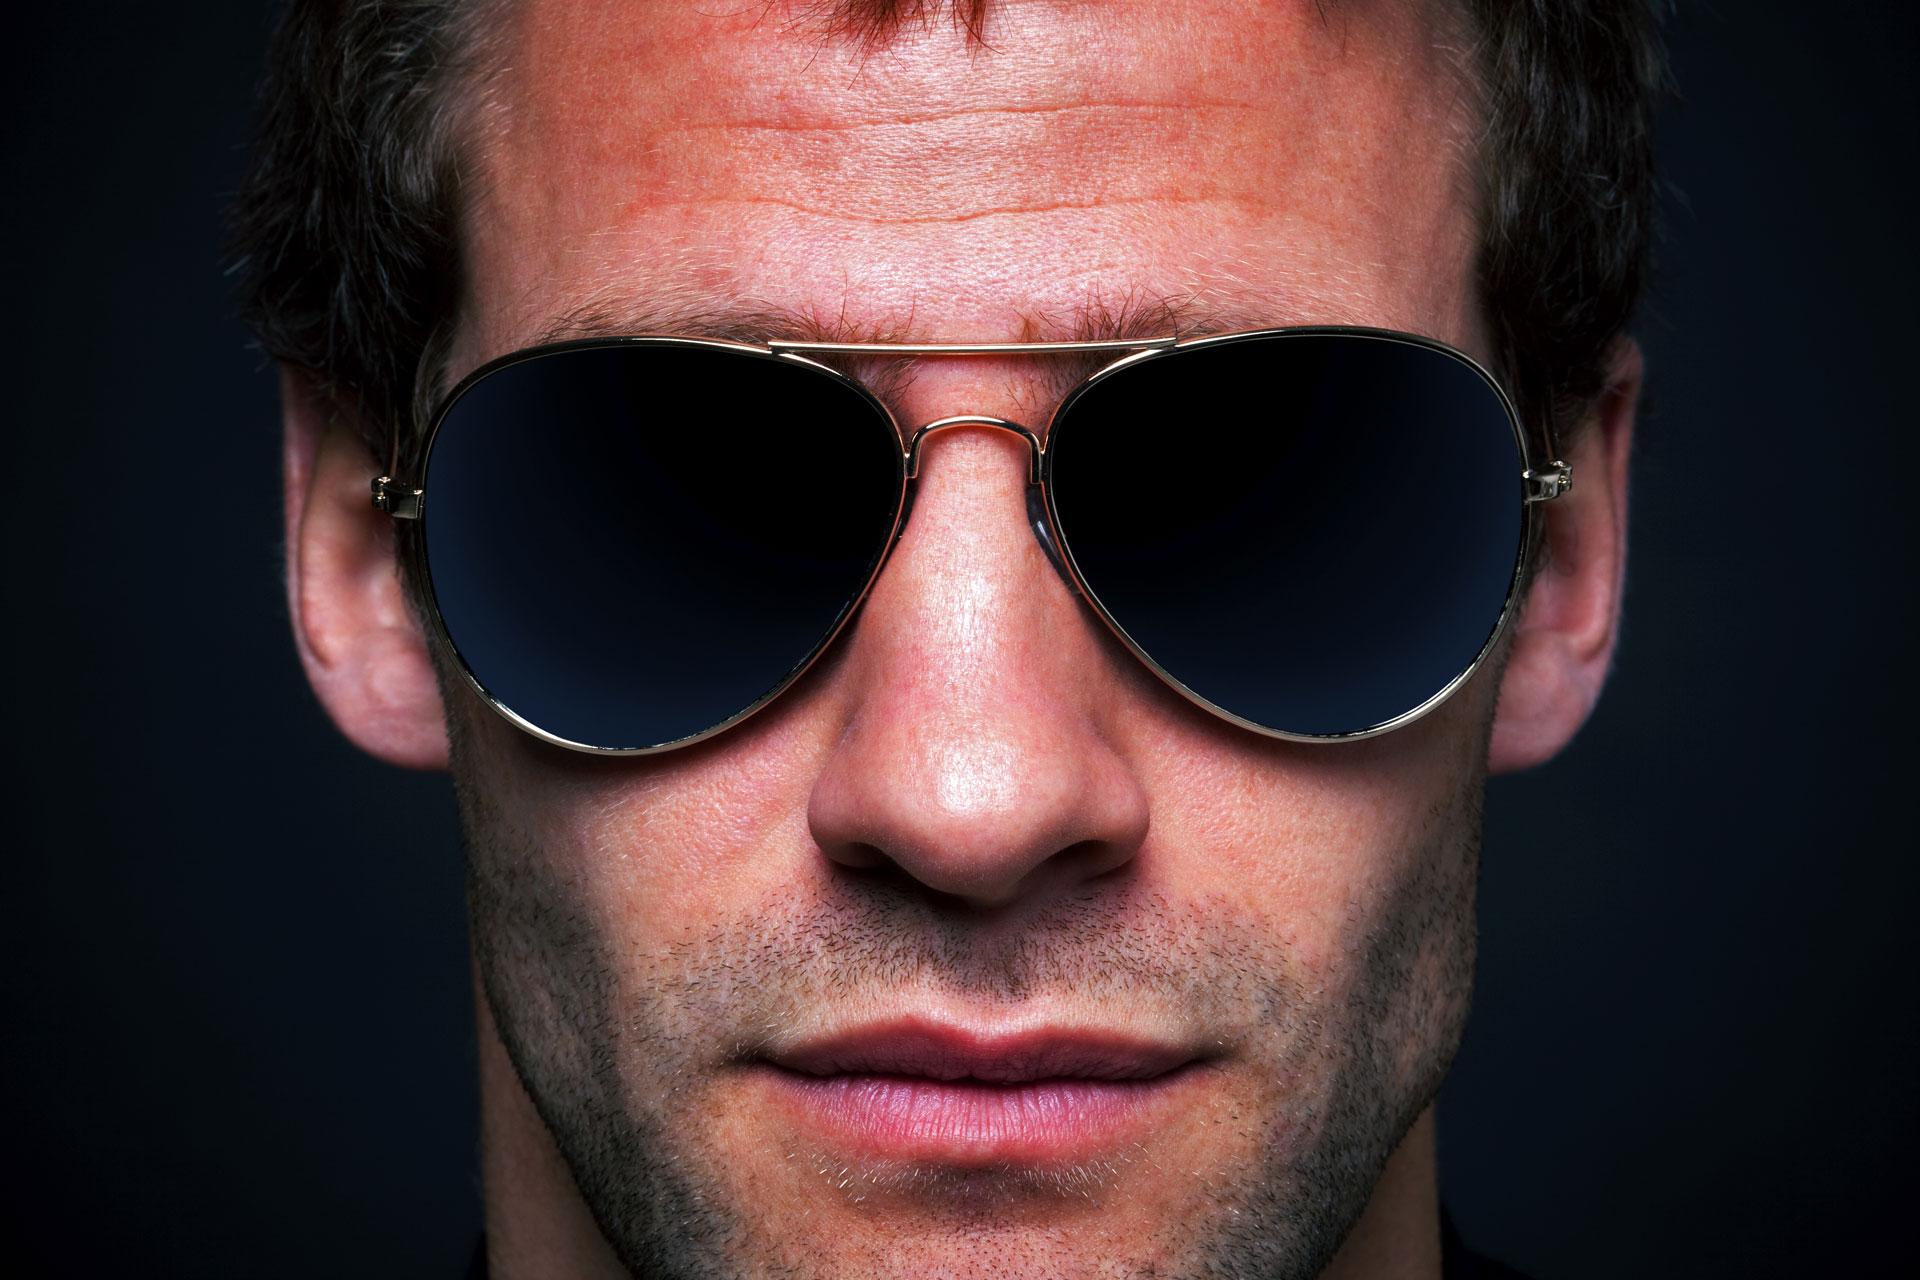 Фото парня в солнечных очках крупным планом 9 фотография